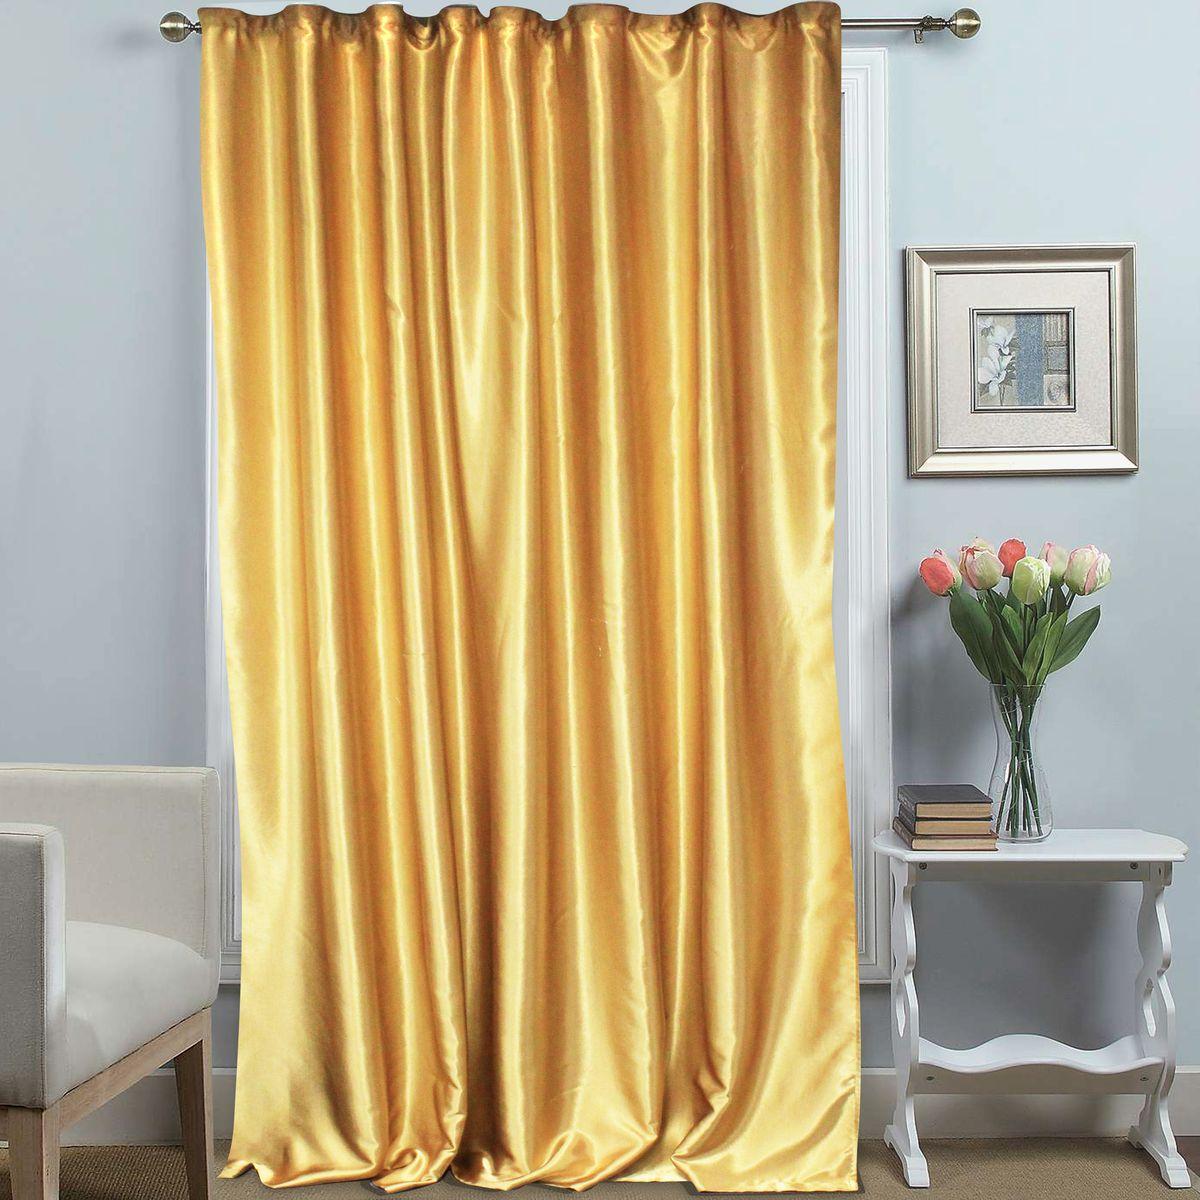 Штора Amore Mio, на ленте, цвет: золото, высота 270 см. 69715K100Однотонная штора на ленте Amore Mio с золотым теплым блеском украсит любое окно. Изделие изготовлено из 100% полиэстера. Полиэстер - вид ткани, состоящий из полиэфирных волокон. Ткани из полиэстера легкие, прочные и износостойкие. Такие изделия не требуют специального ухода, не пылятся и почти не мнутся.